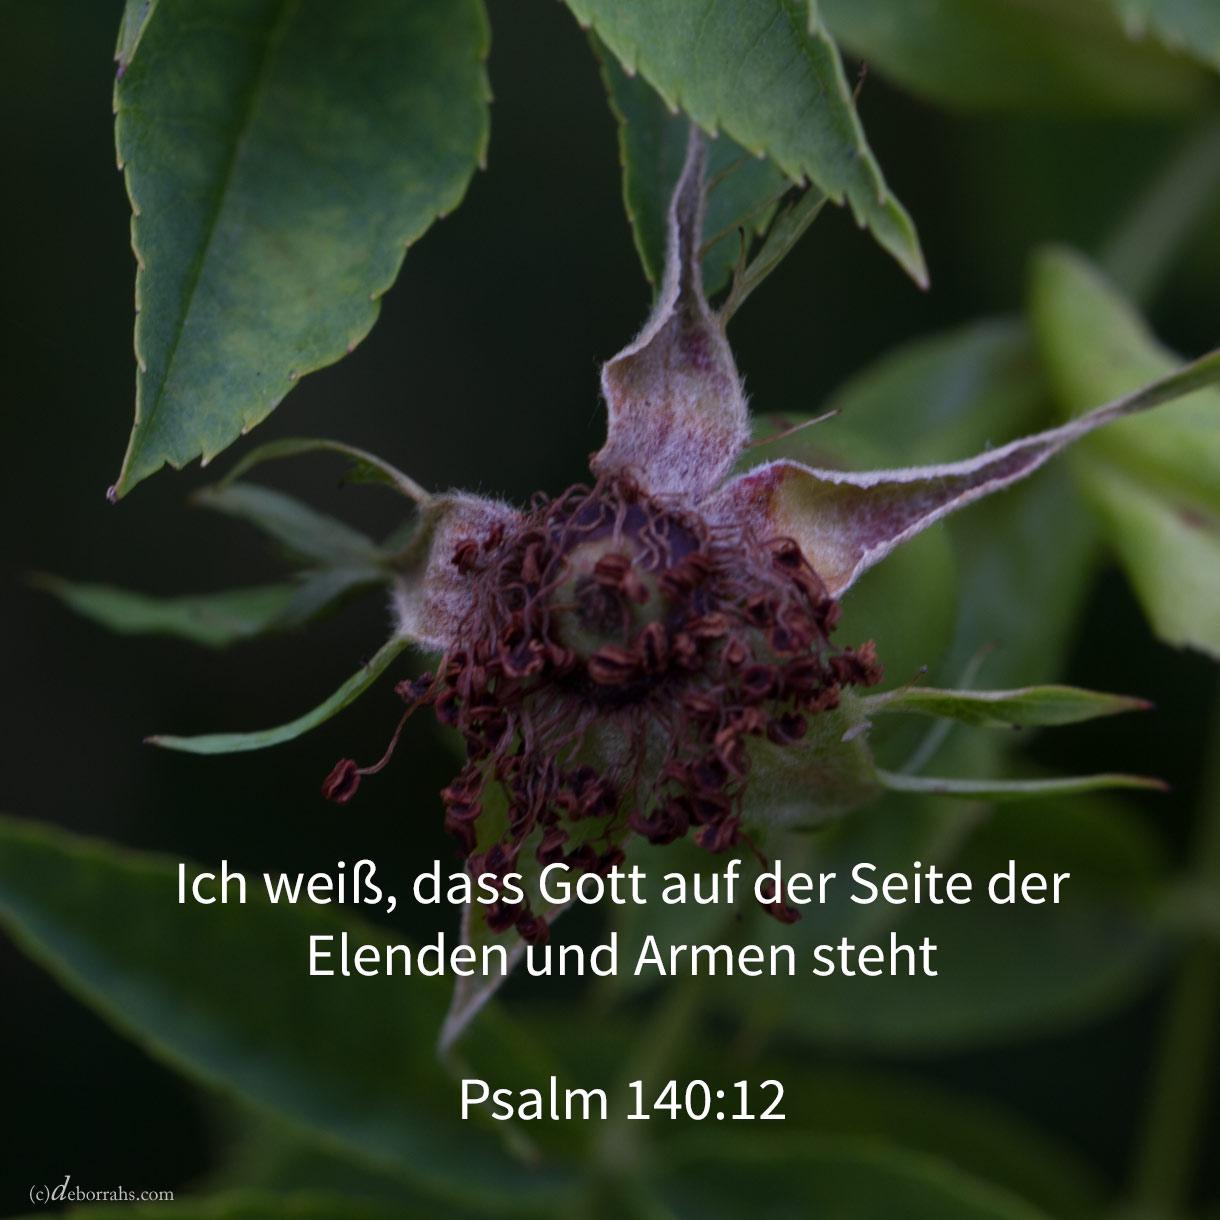 Ich weiß, dass Jehova ausführen wird die Rechtssache des Elenden, das Recht der Armen ( Psalm 140,12 )